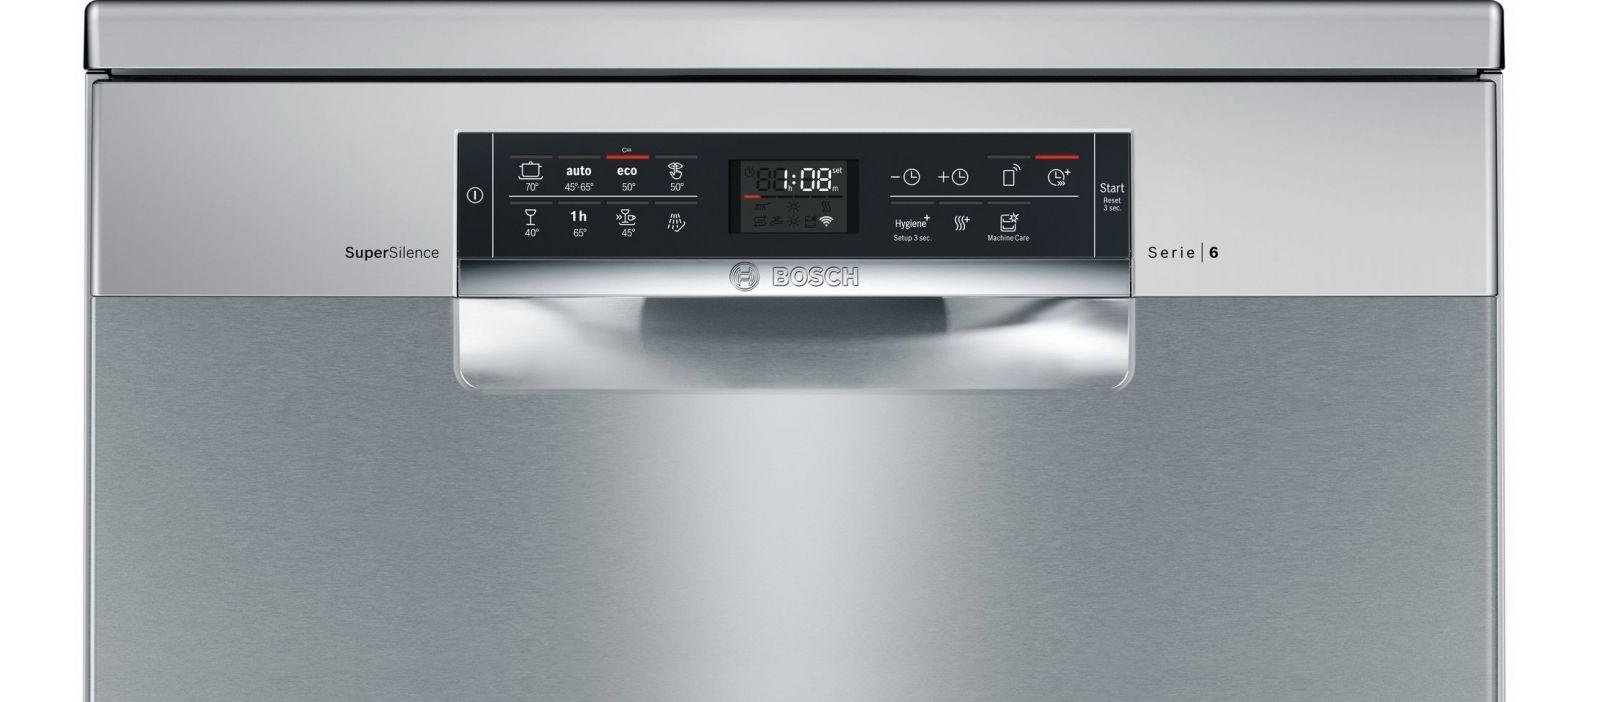 Máy rửa bát Bosch SMS68MI06E ứng dụng công nghệ hiện đại